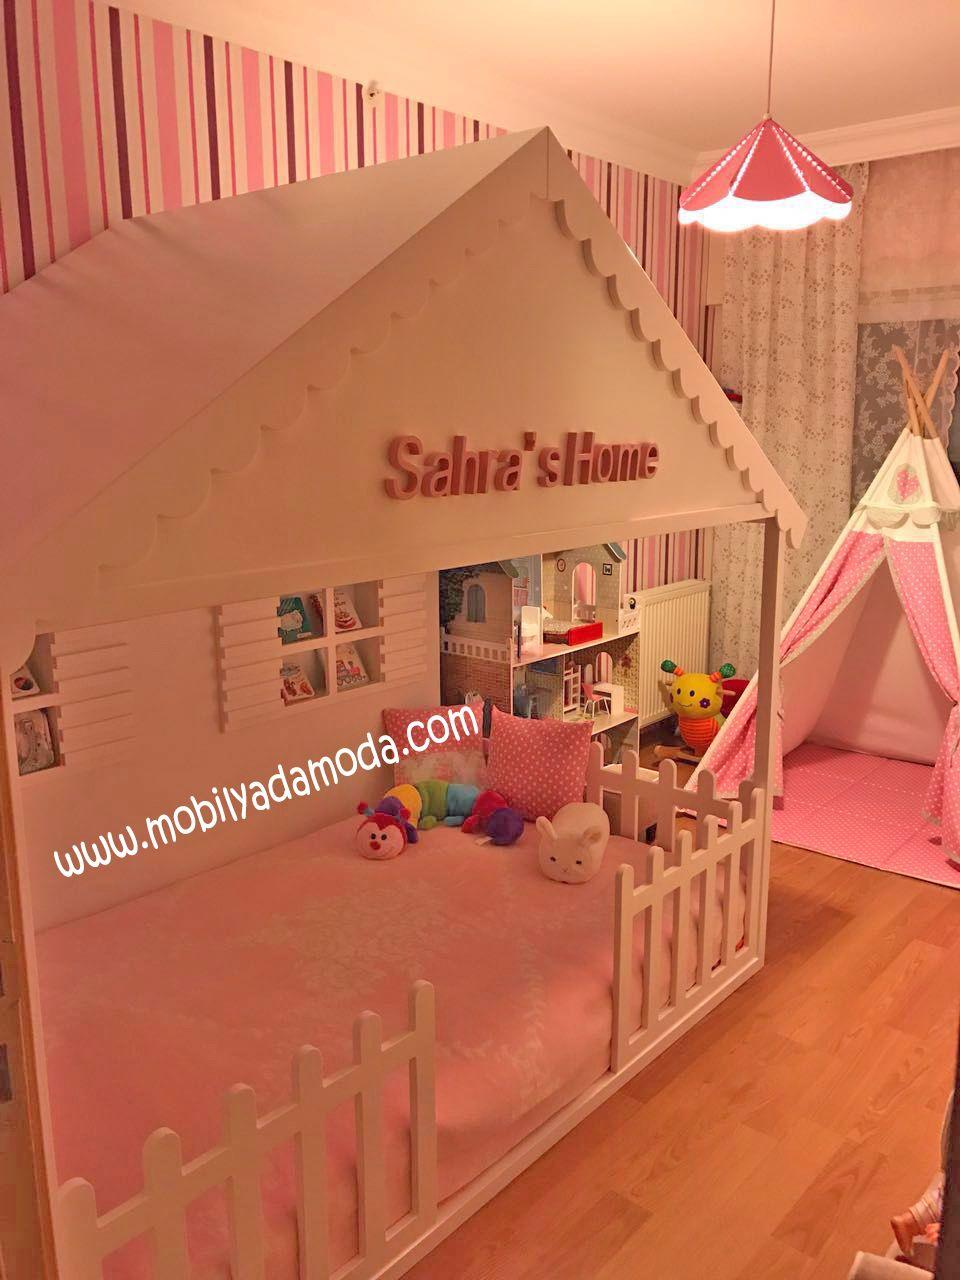 Özel Tasarım Ev Montessori Yatak, Sahras Home